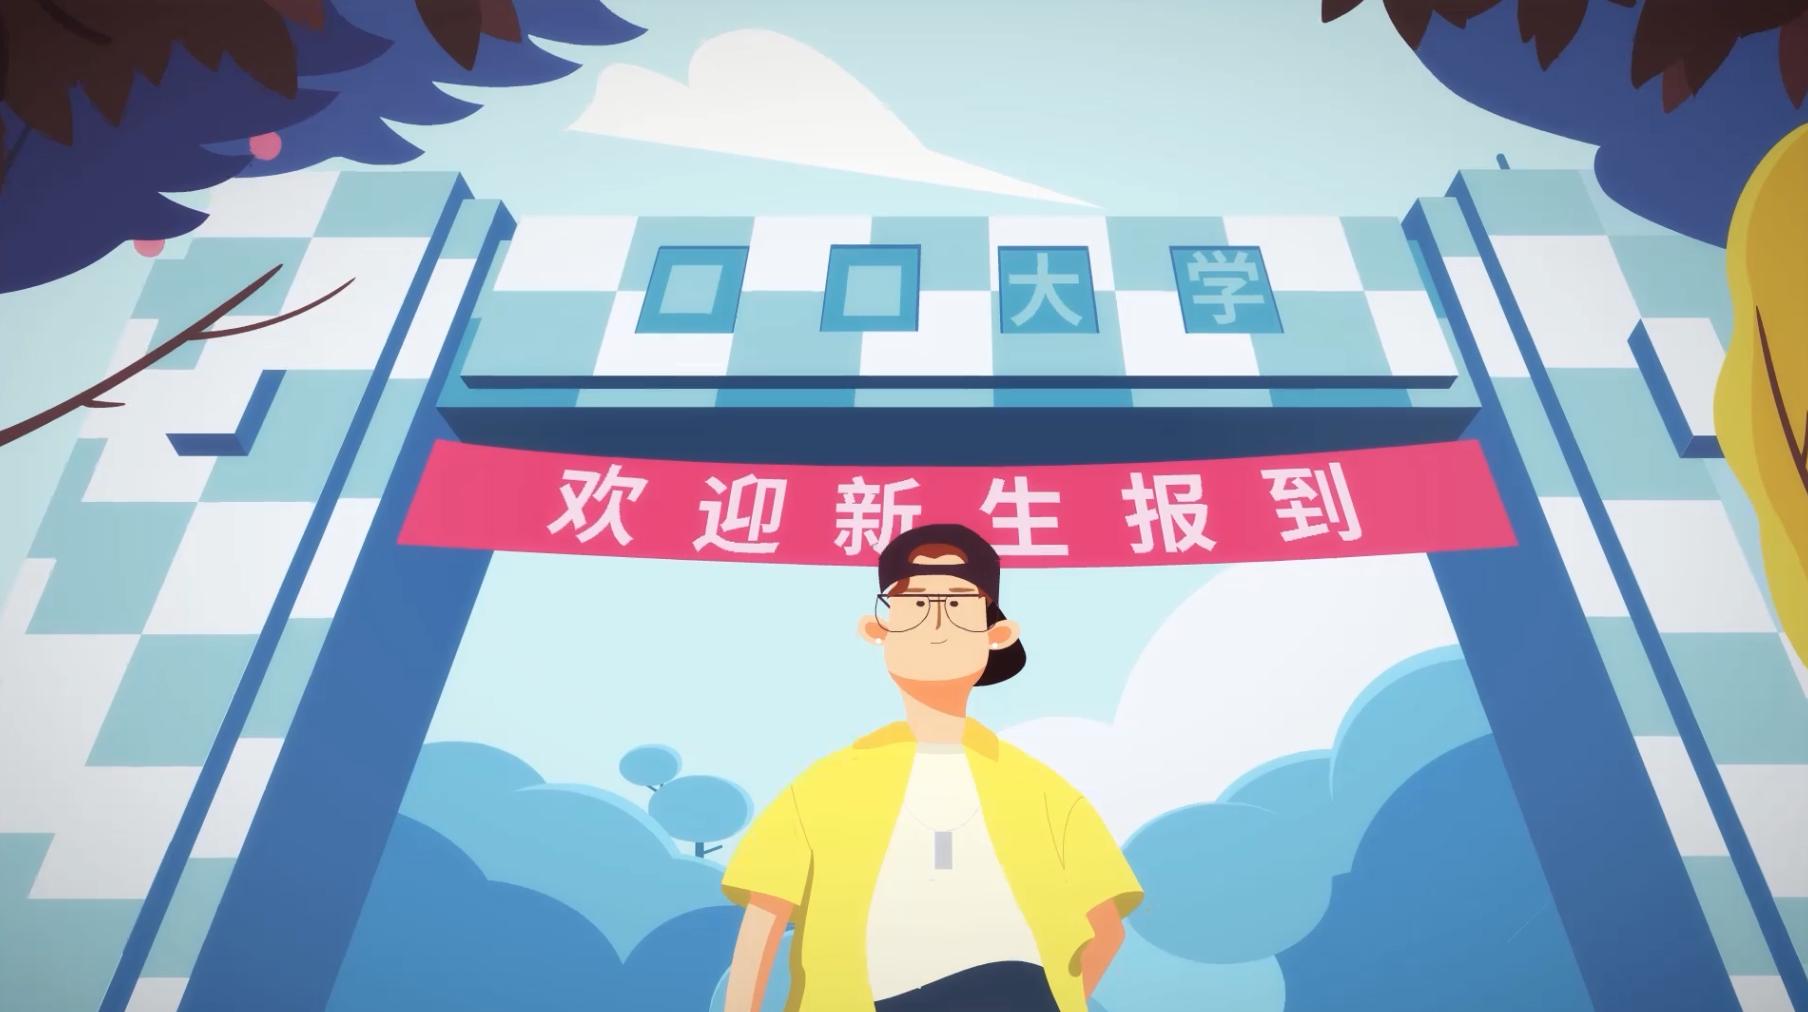 企业培训动画制作flash动画广告设计公益广告APP宣传广告婚礼动画企业宣传课件动画